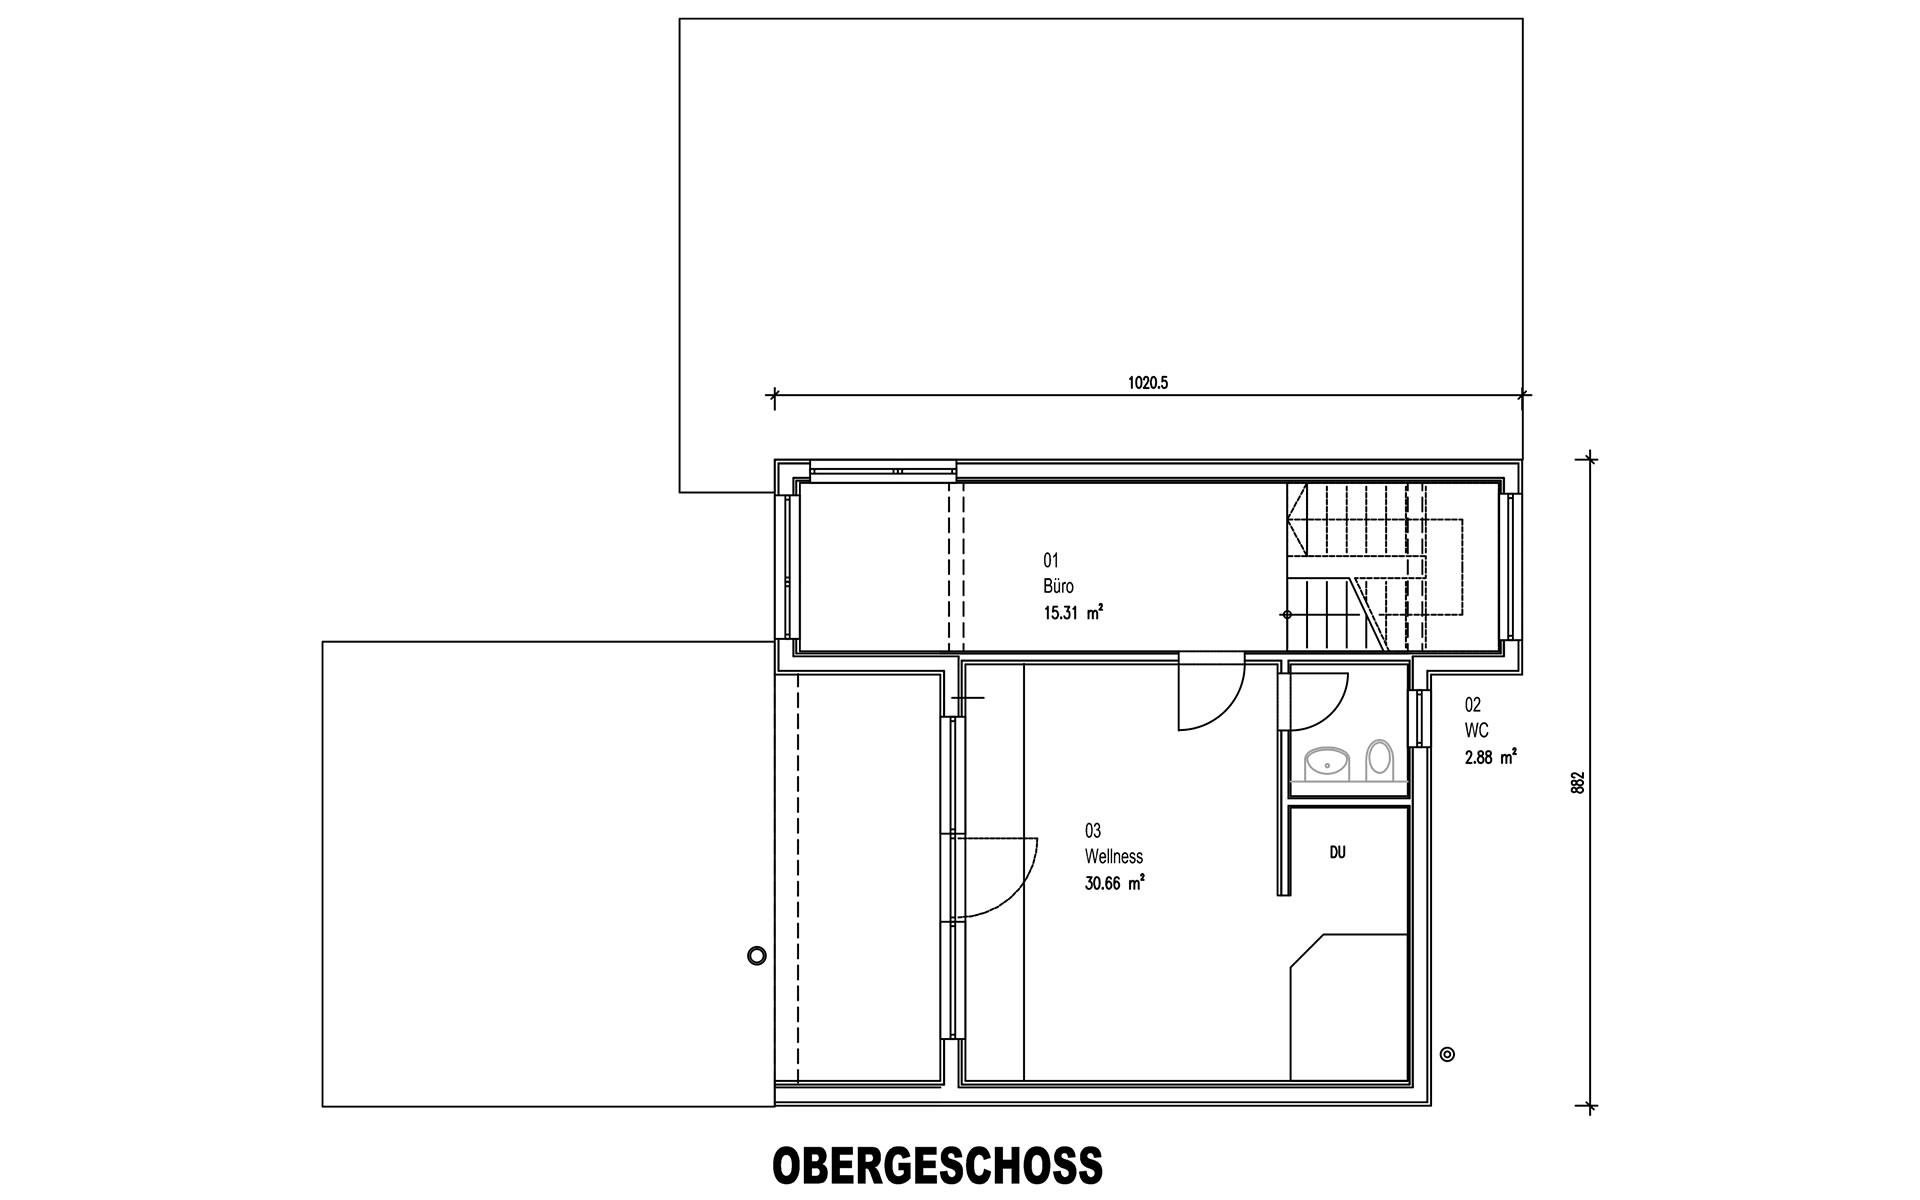 Obergeschoss Rodler von Sonnleitner Holzbauwerke GmbH & Co. KG